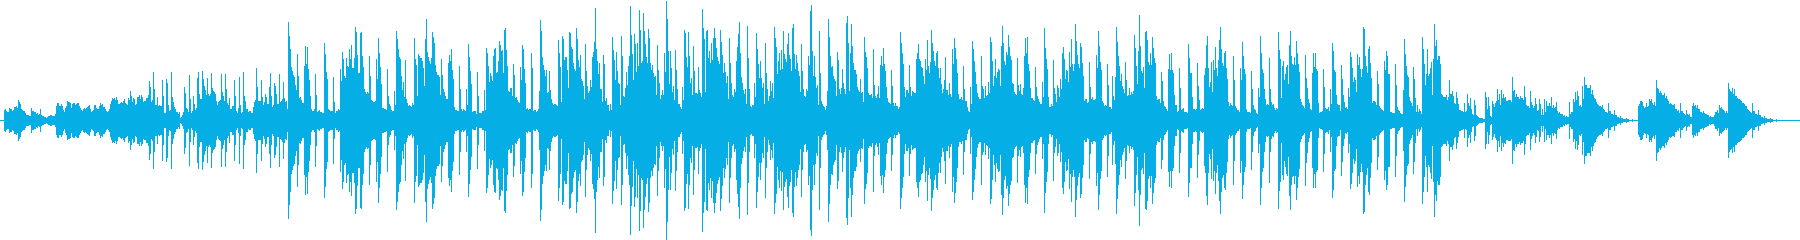 レトロ ゆっくり 魅惑 電気ピアノ...の再生済みの波形